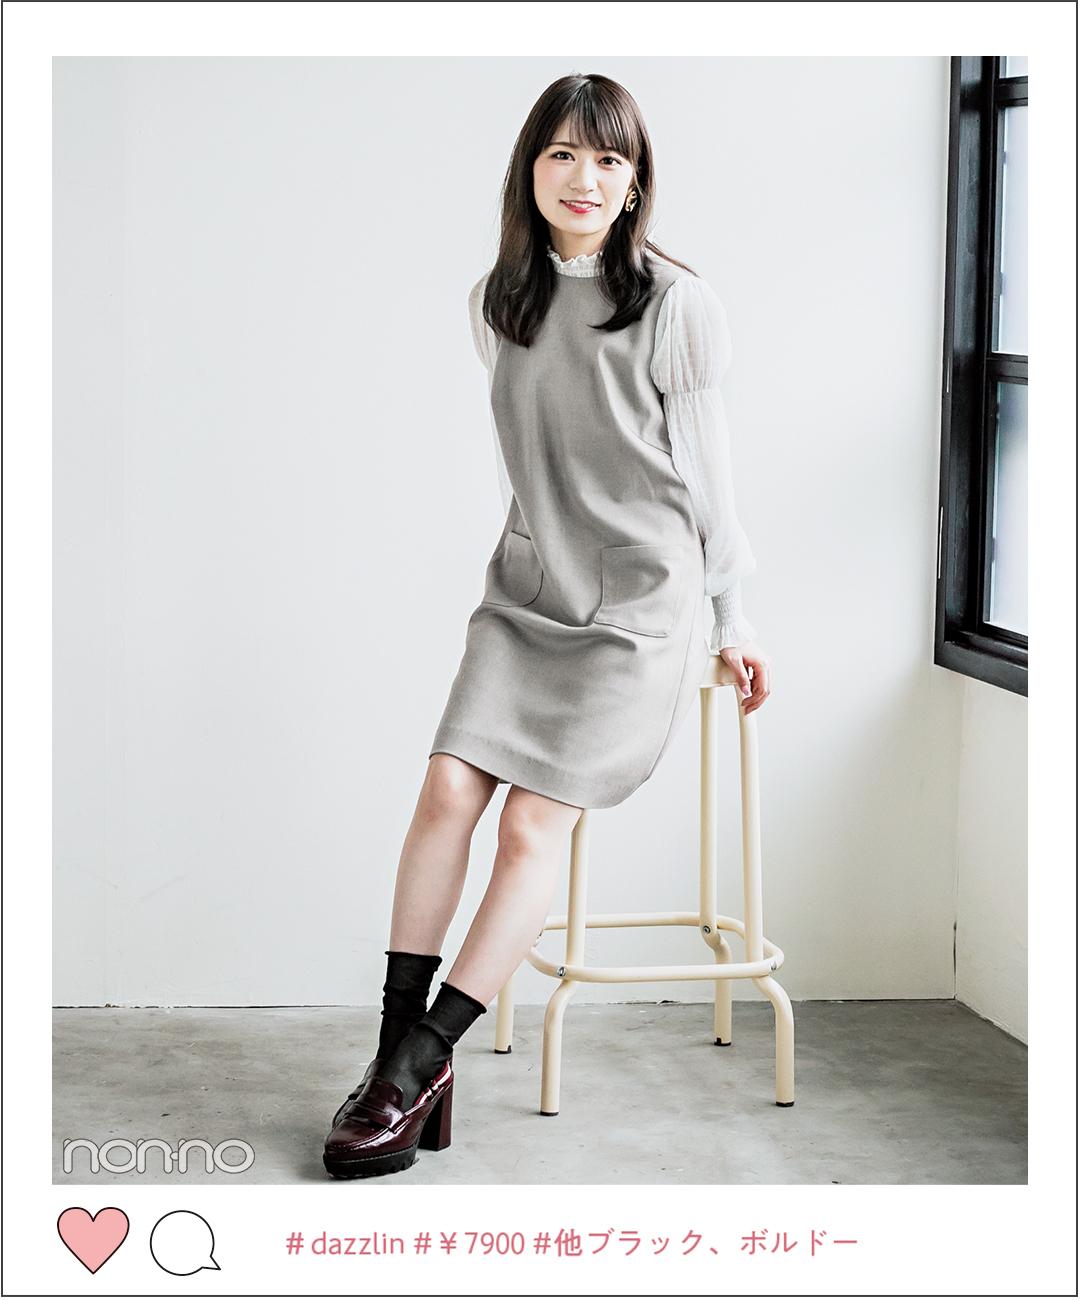 dazzlinのインスタ売れワンピース♡ 人気ショップスタッフのコーデが可愛い!_1_3-3